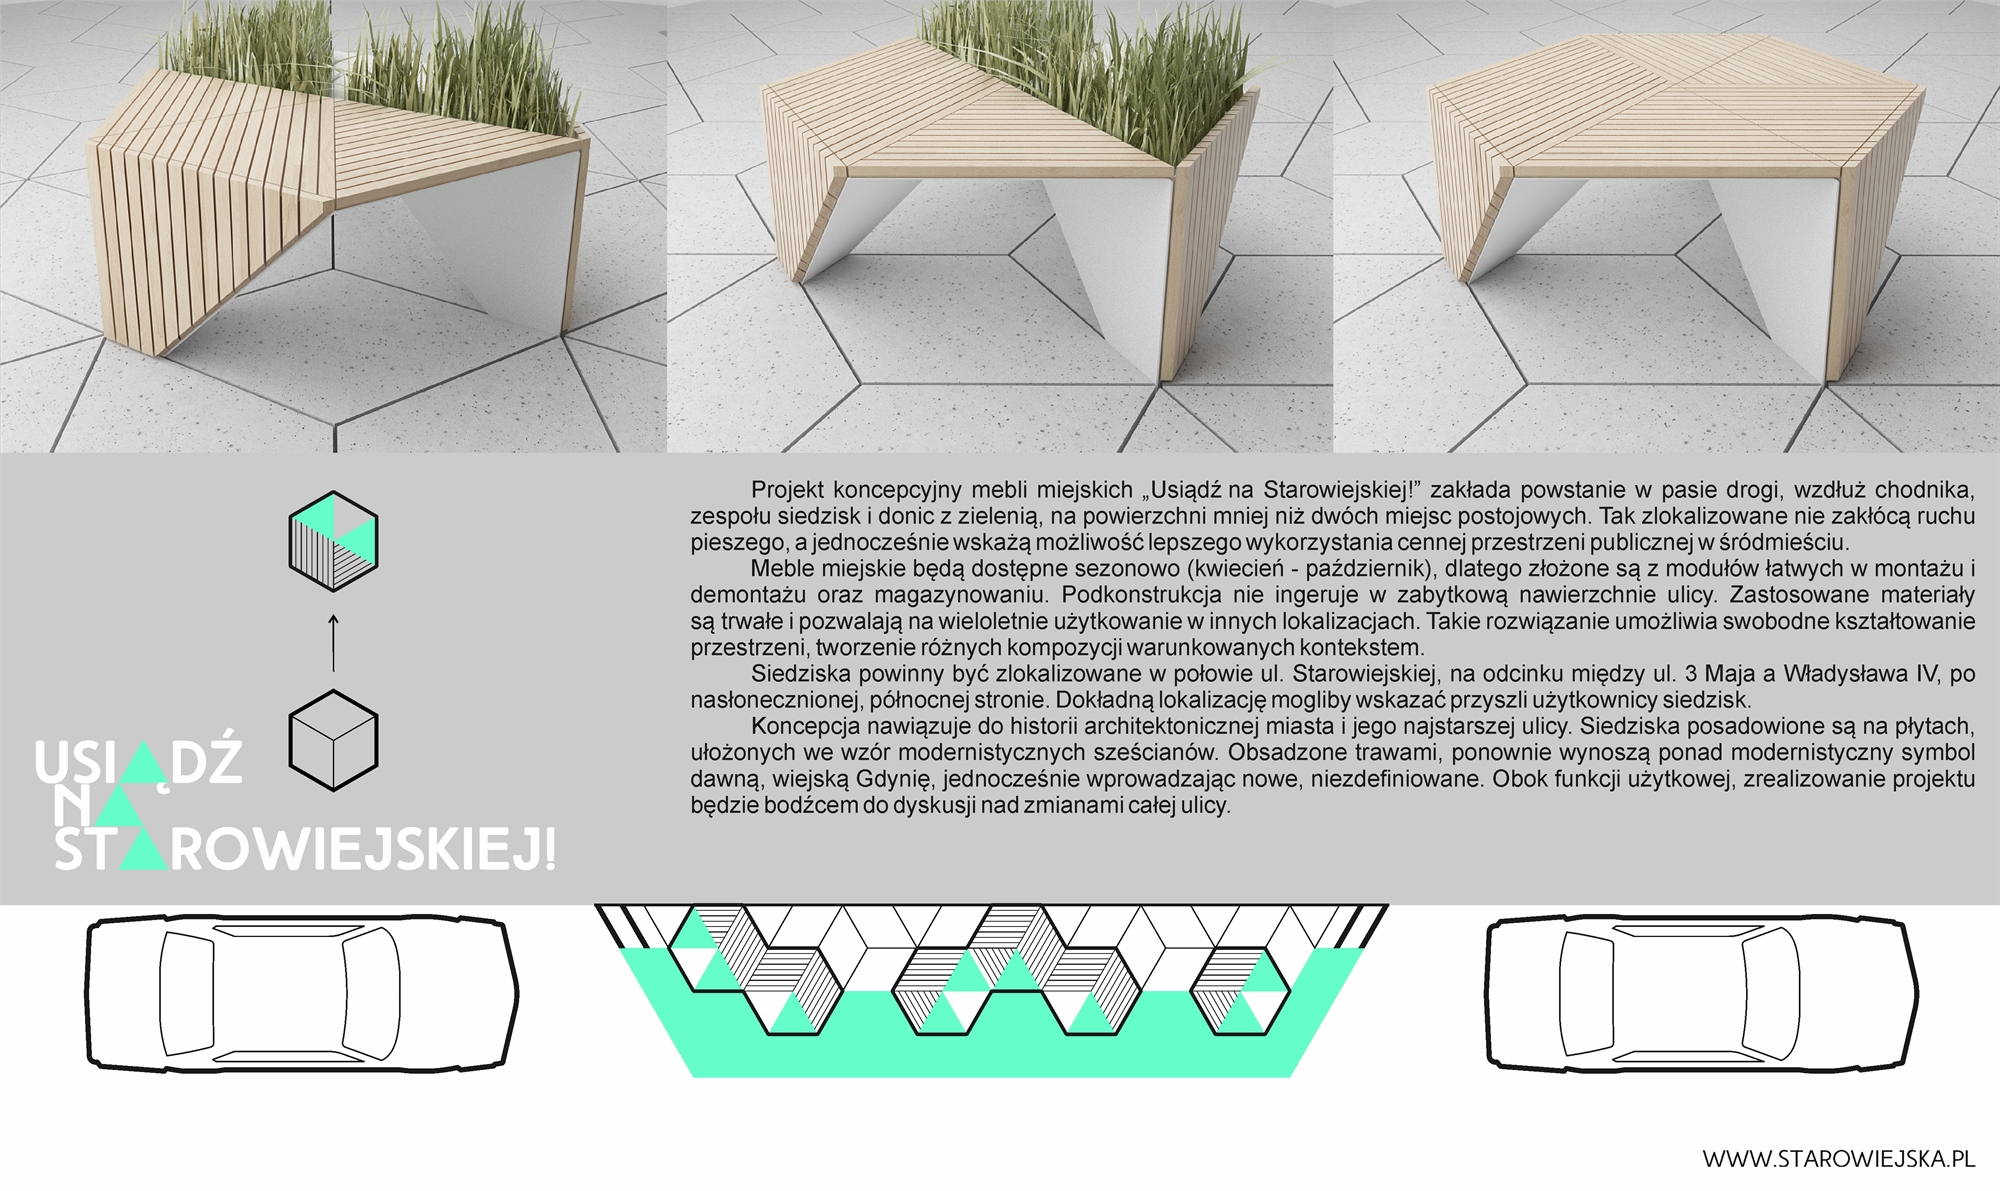 2 gdynia_projekt_miejski_parklet_usiadz_na_starowiejskiej_architektura_przestrzen_publiczna_urban_design_public_spaces